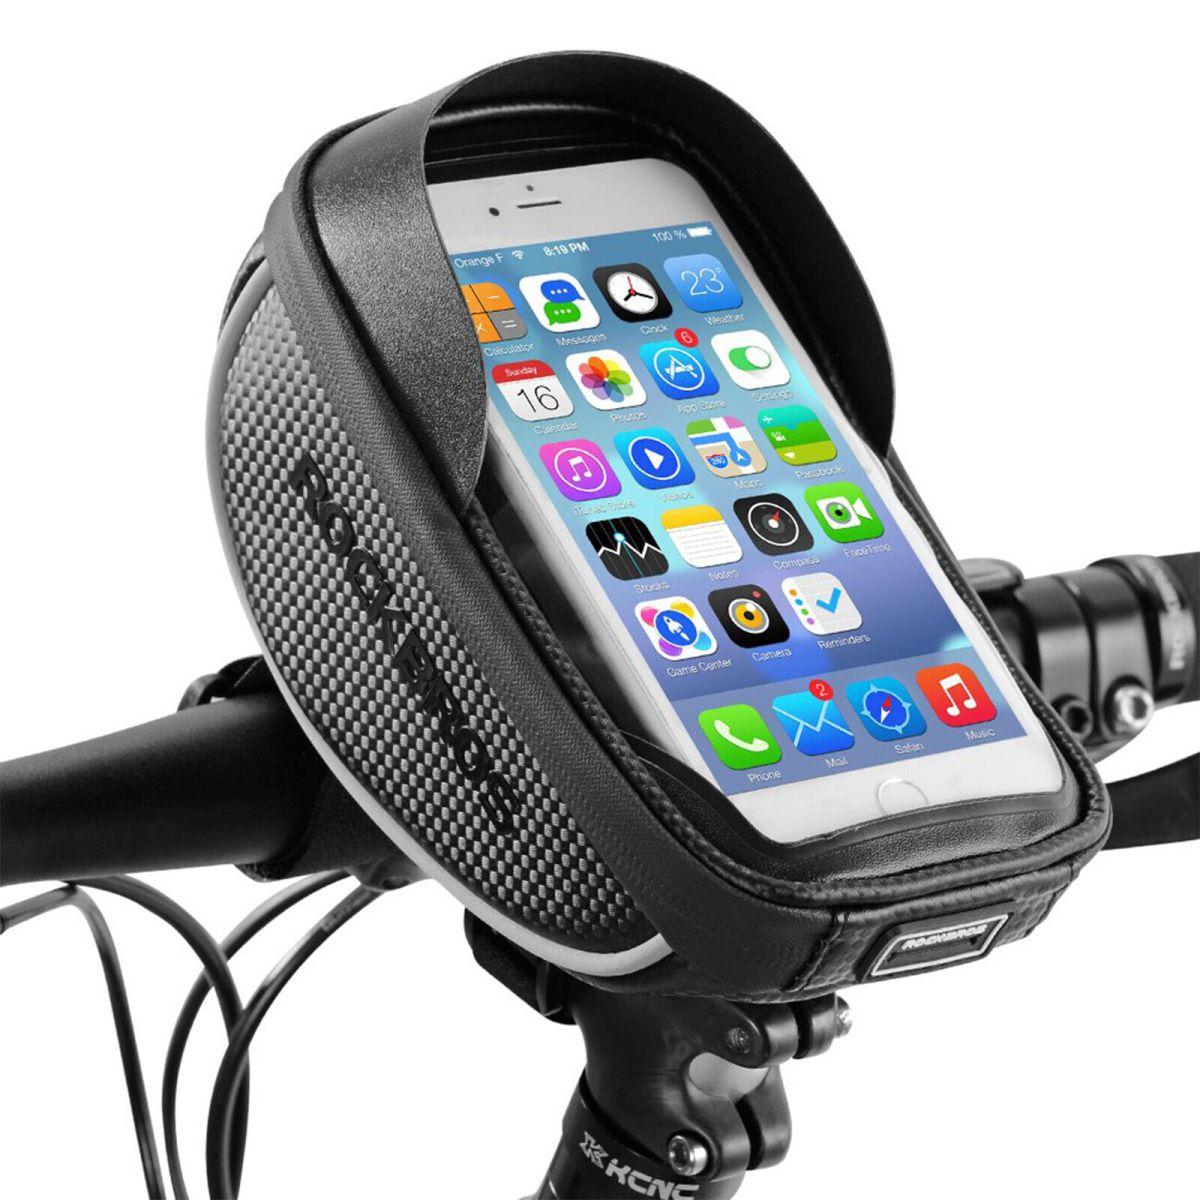 ROCKBROS Rahmentasche Fahrradtasche Handyhalterung Handyhalter für 6.00'' Handy